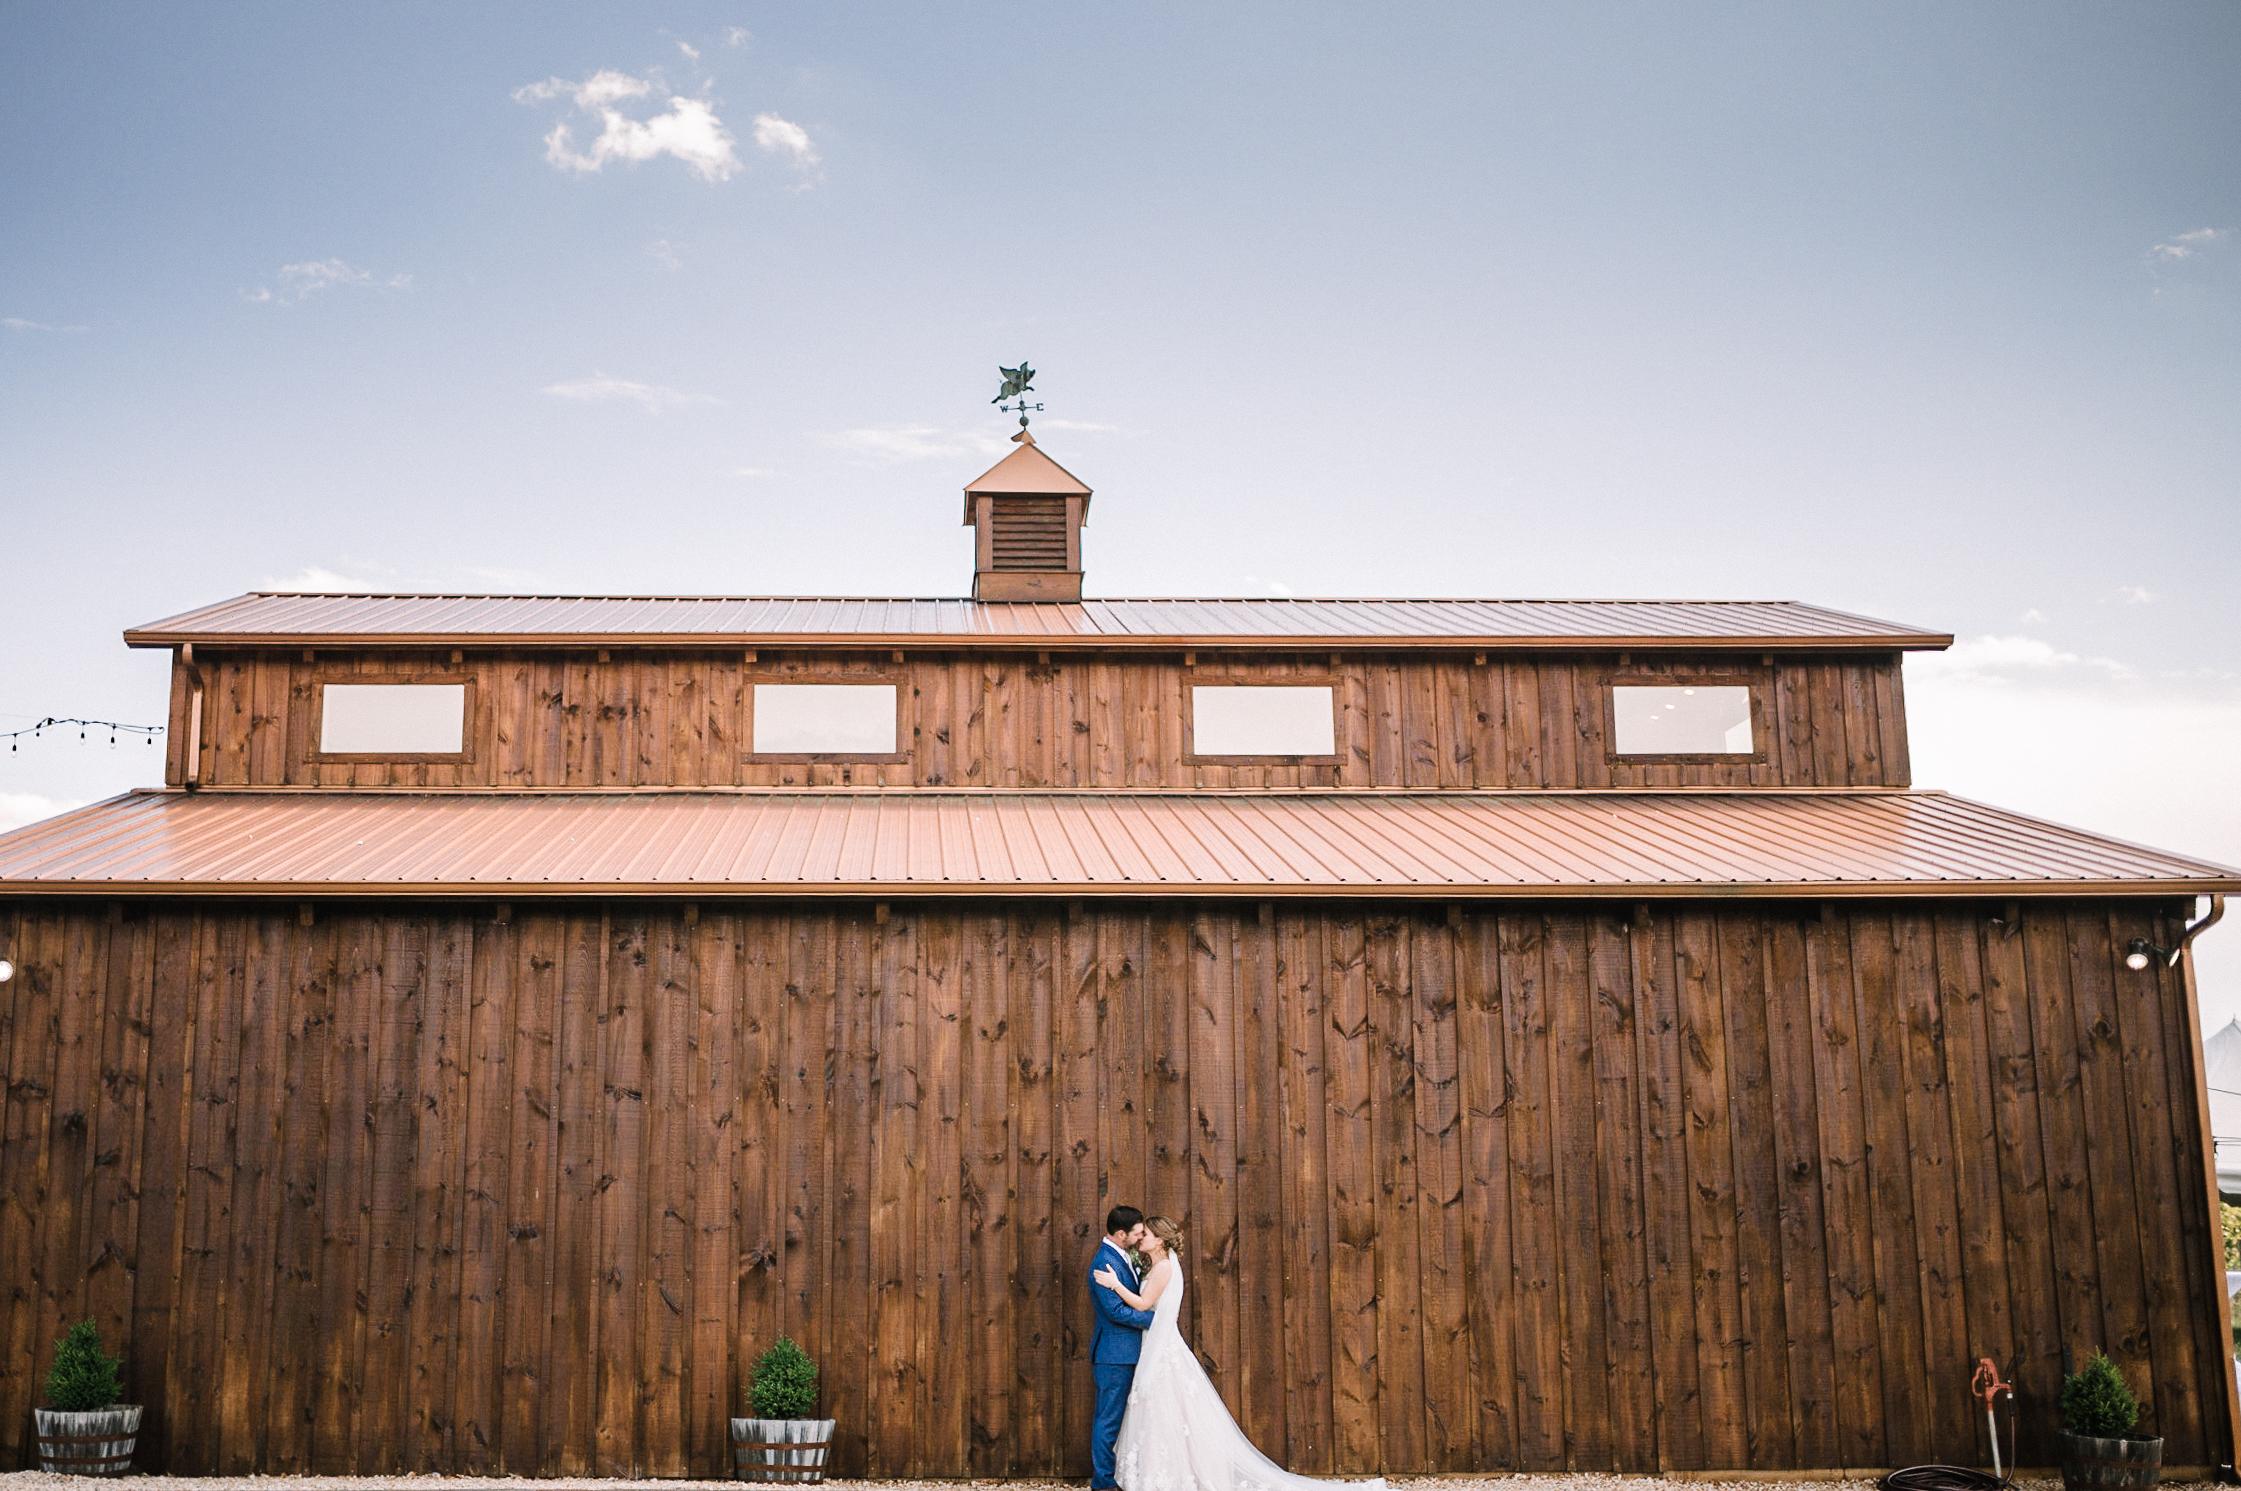 bride and groom kissing at venue at Faithbrooke Barn & Vineyards